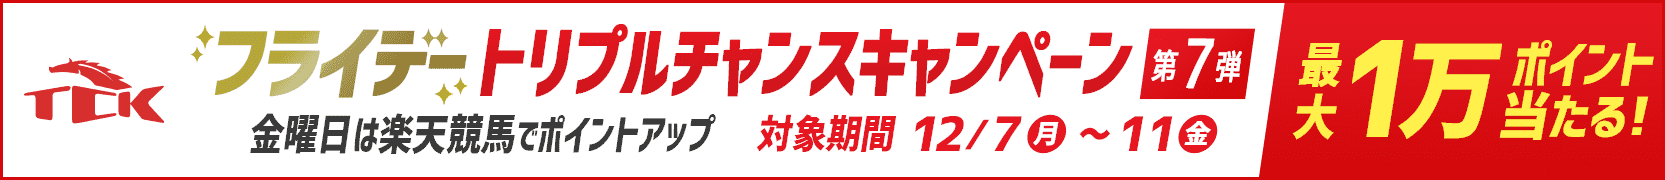 TCKフライデートリプルチャンスキャンペーン(第7弾)